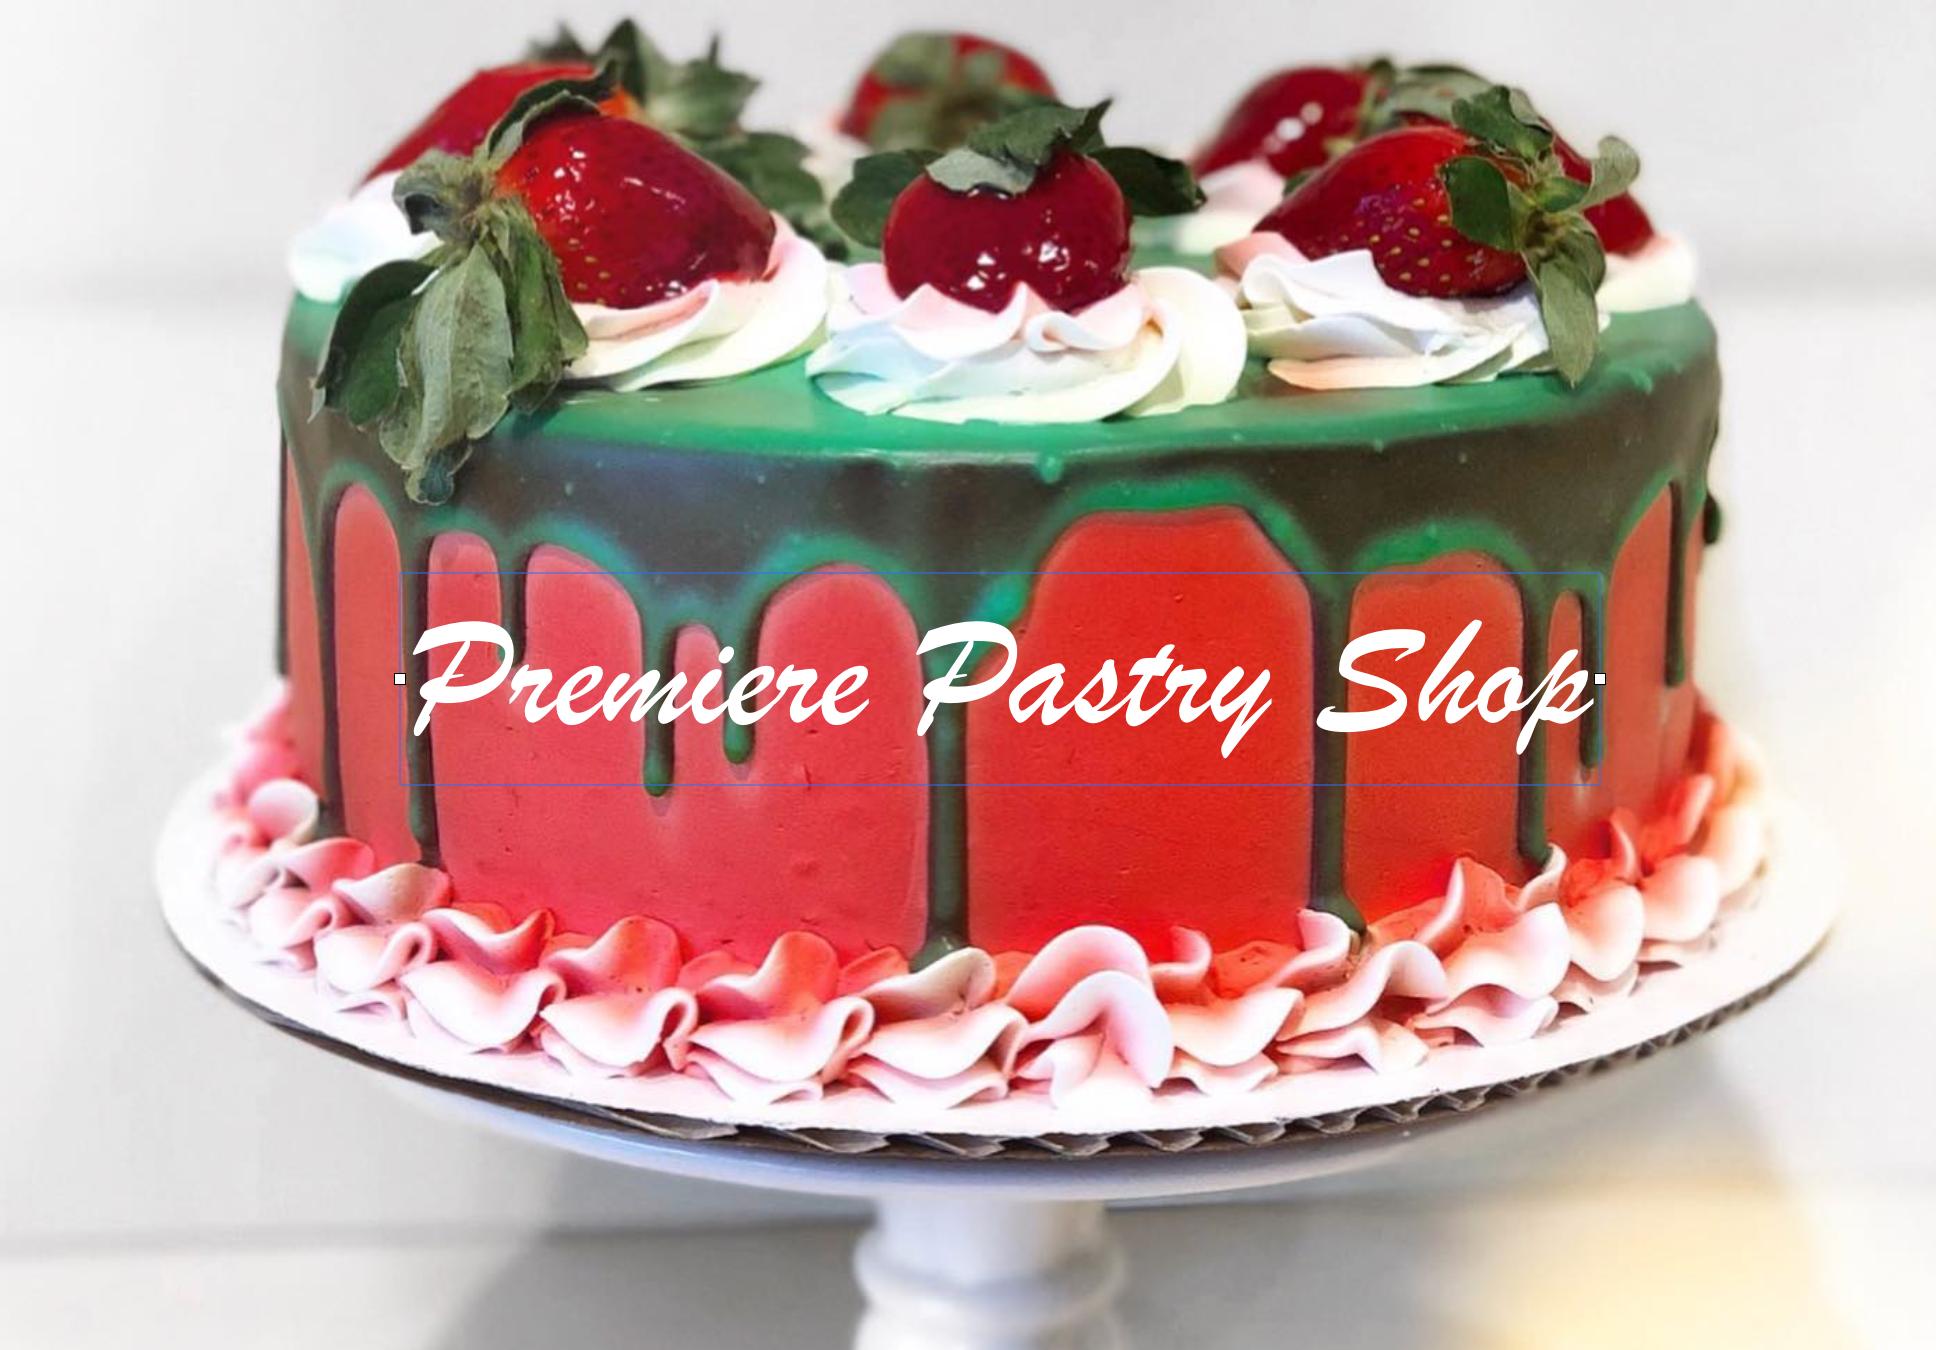 Premiere Pastry Shop